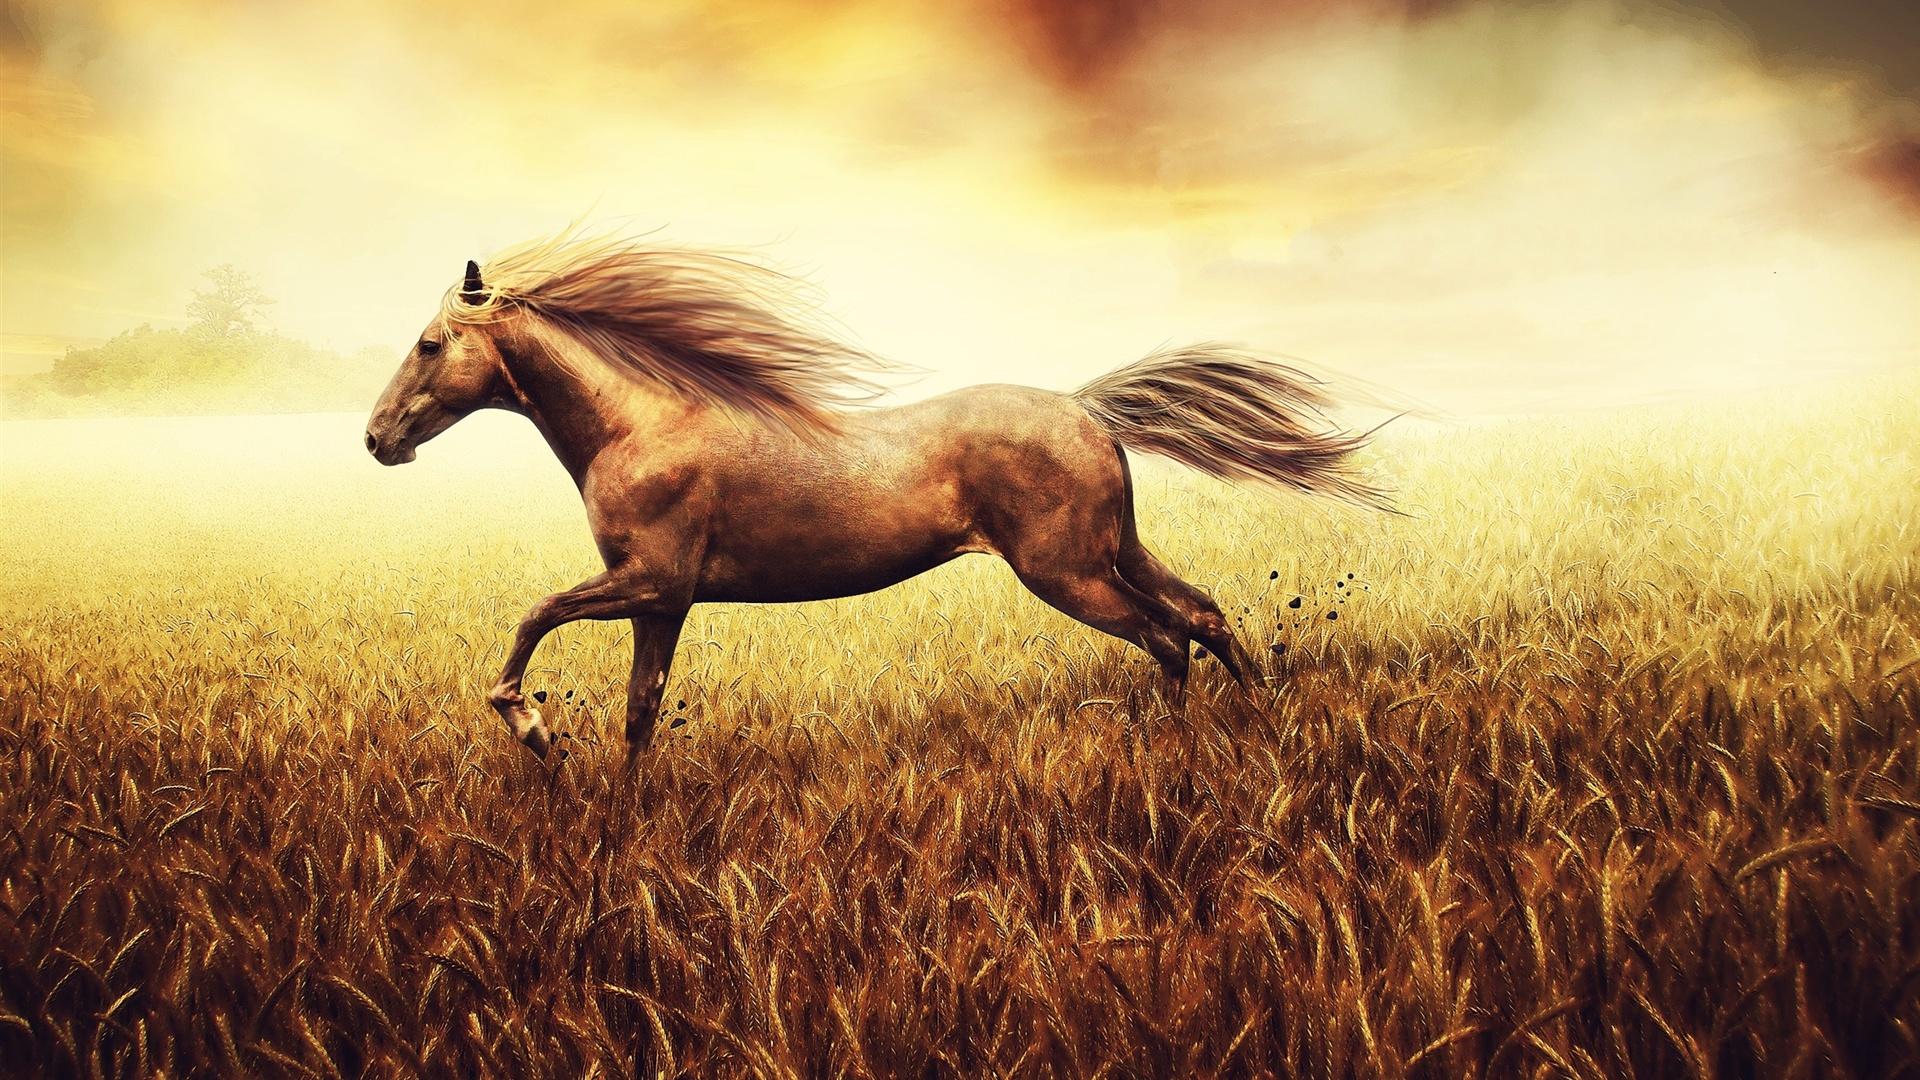 O cavalo é executado em um milharal Papéis de Parede ...